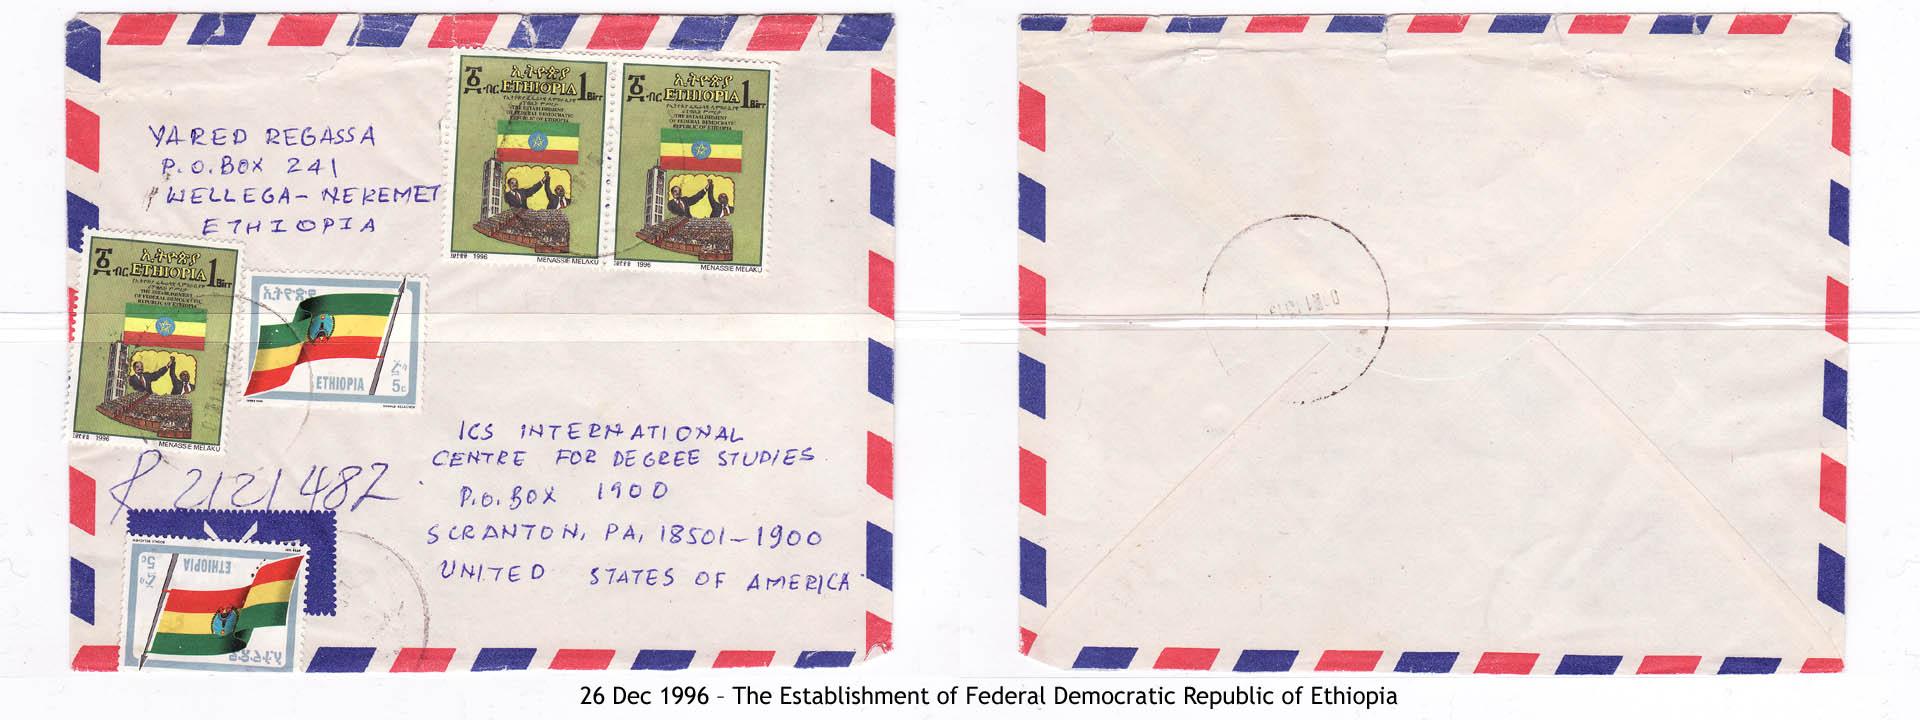 19961226 – The Establishment of Federal Democratic Republic of Ethiopia